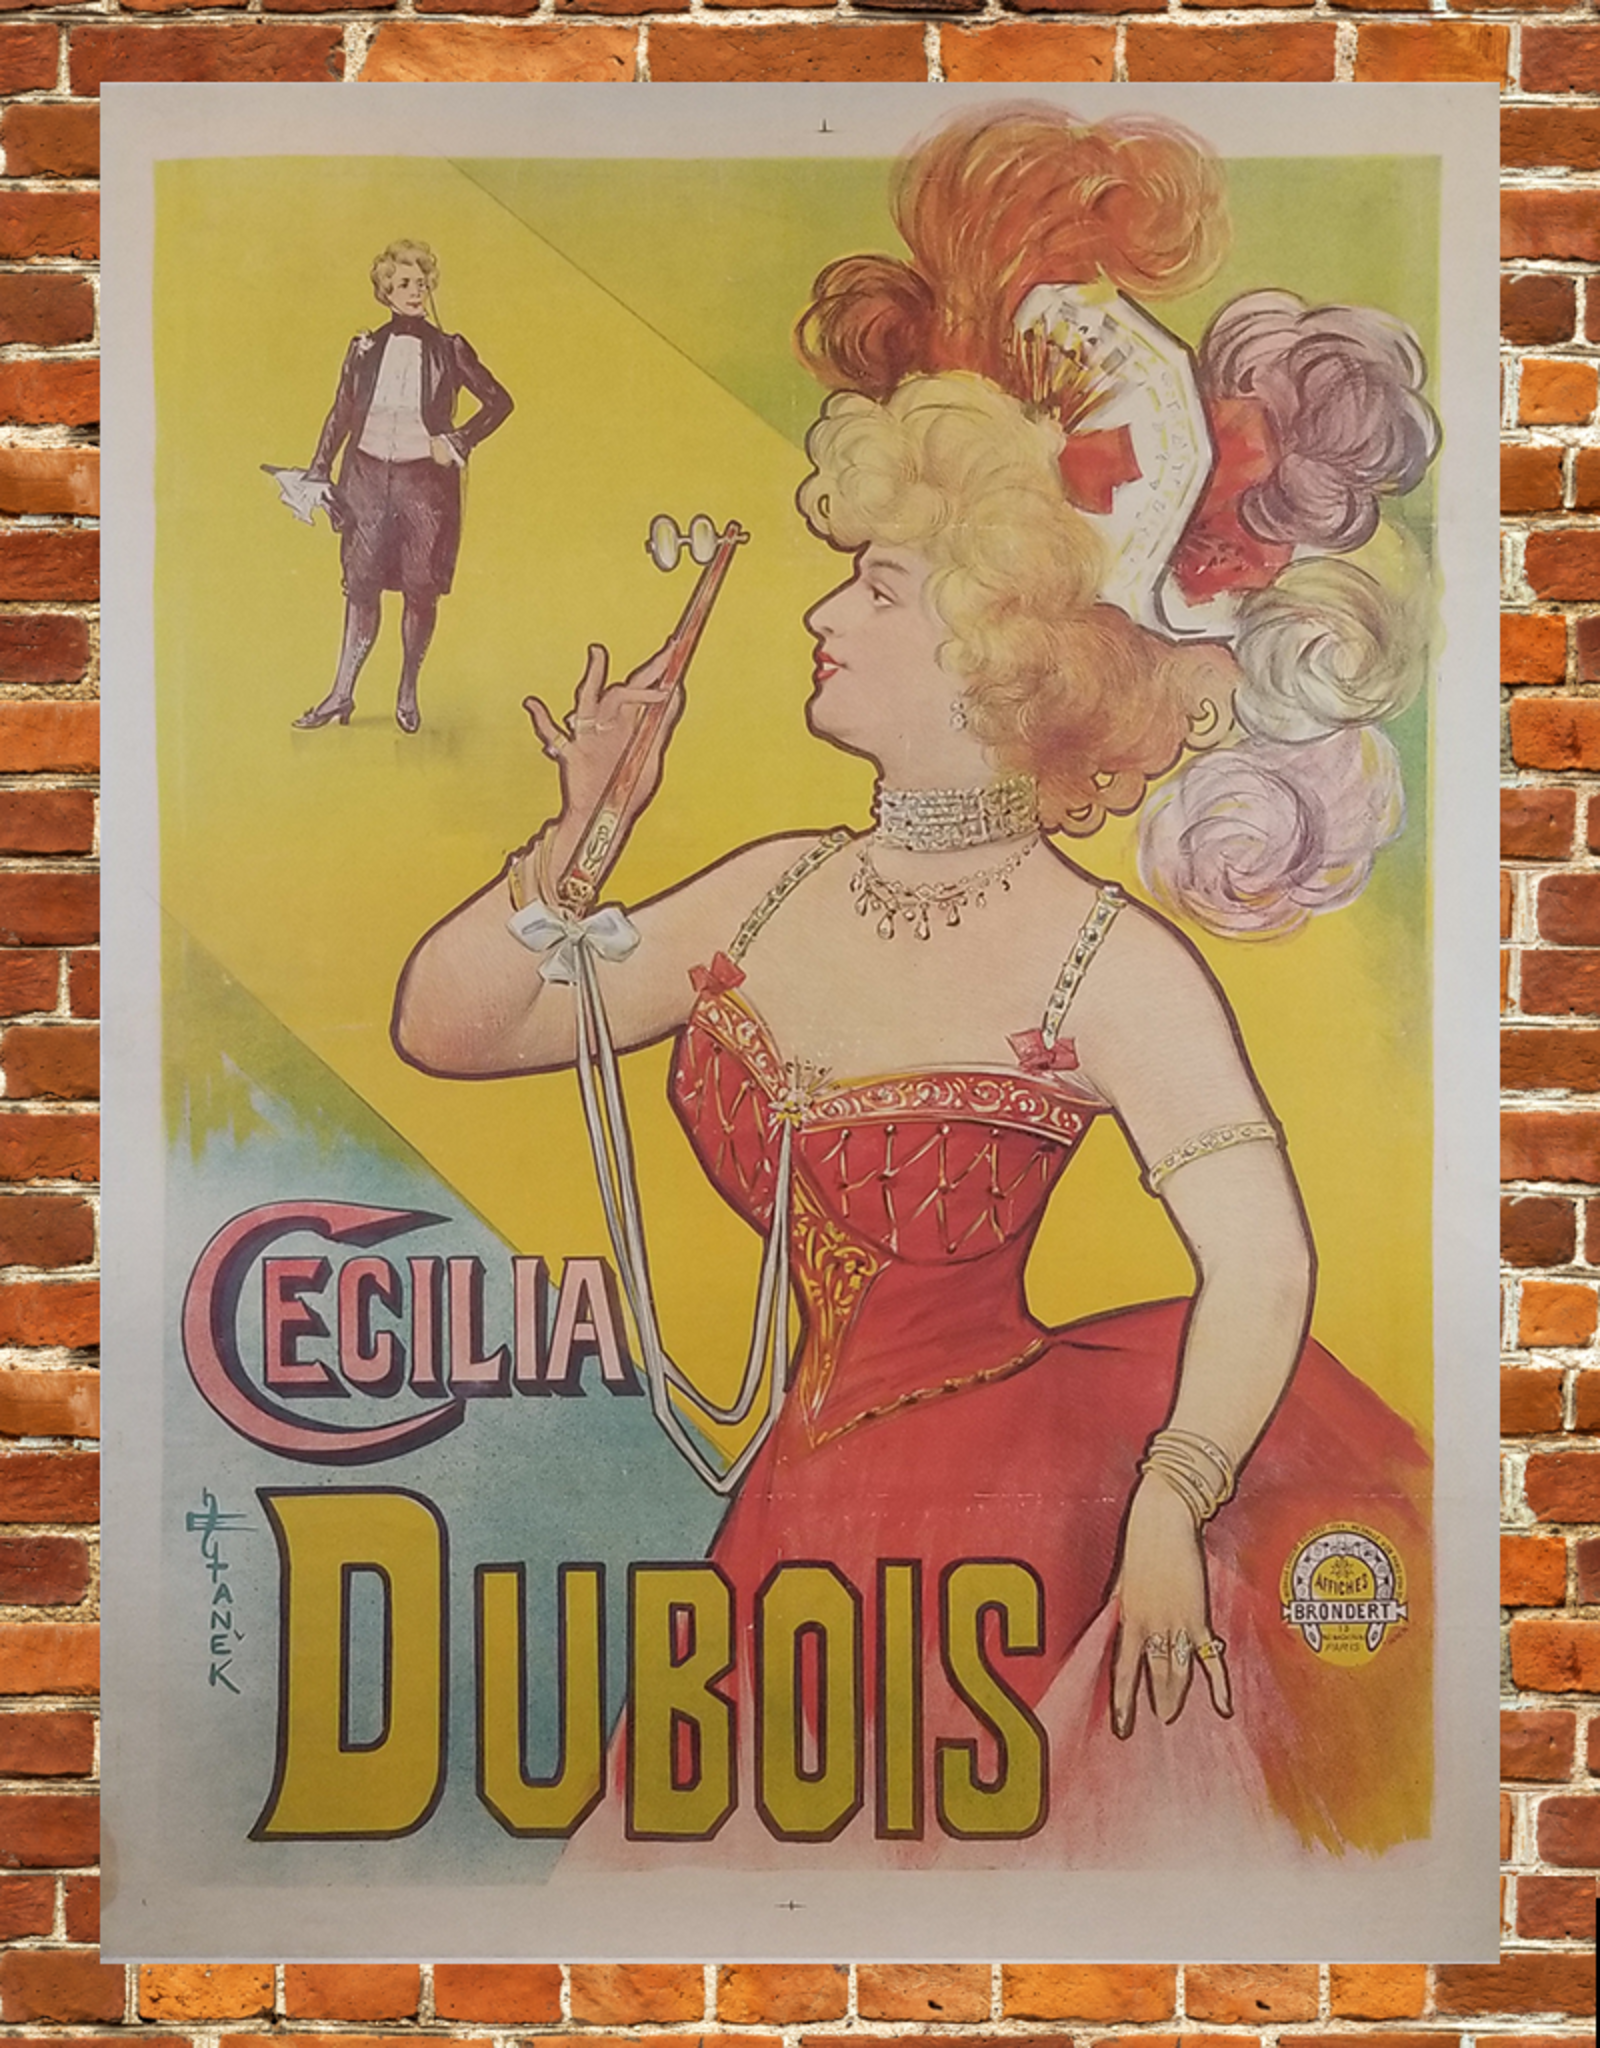 SPV Cecilia Dubois Lithograph Poster